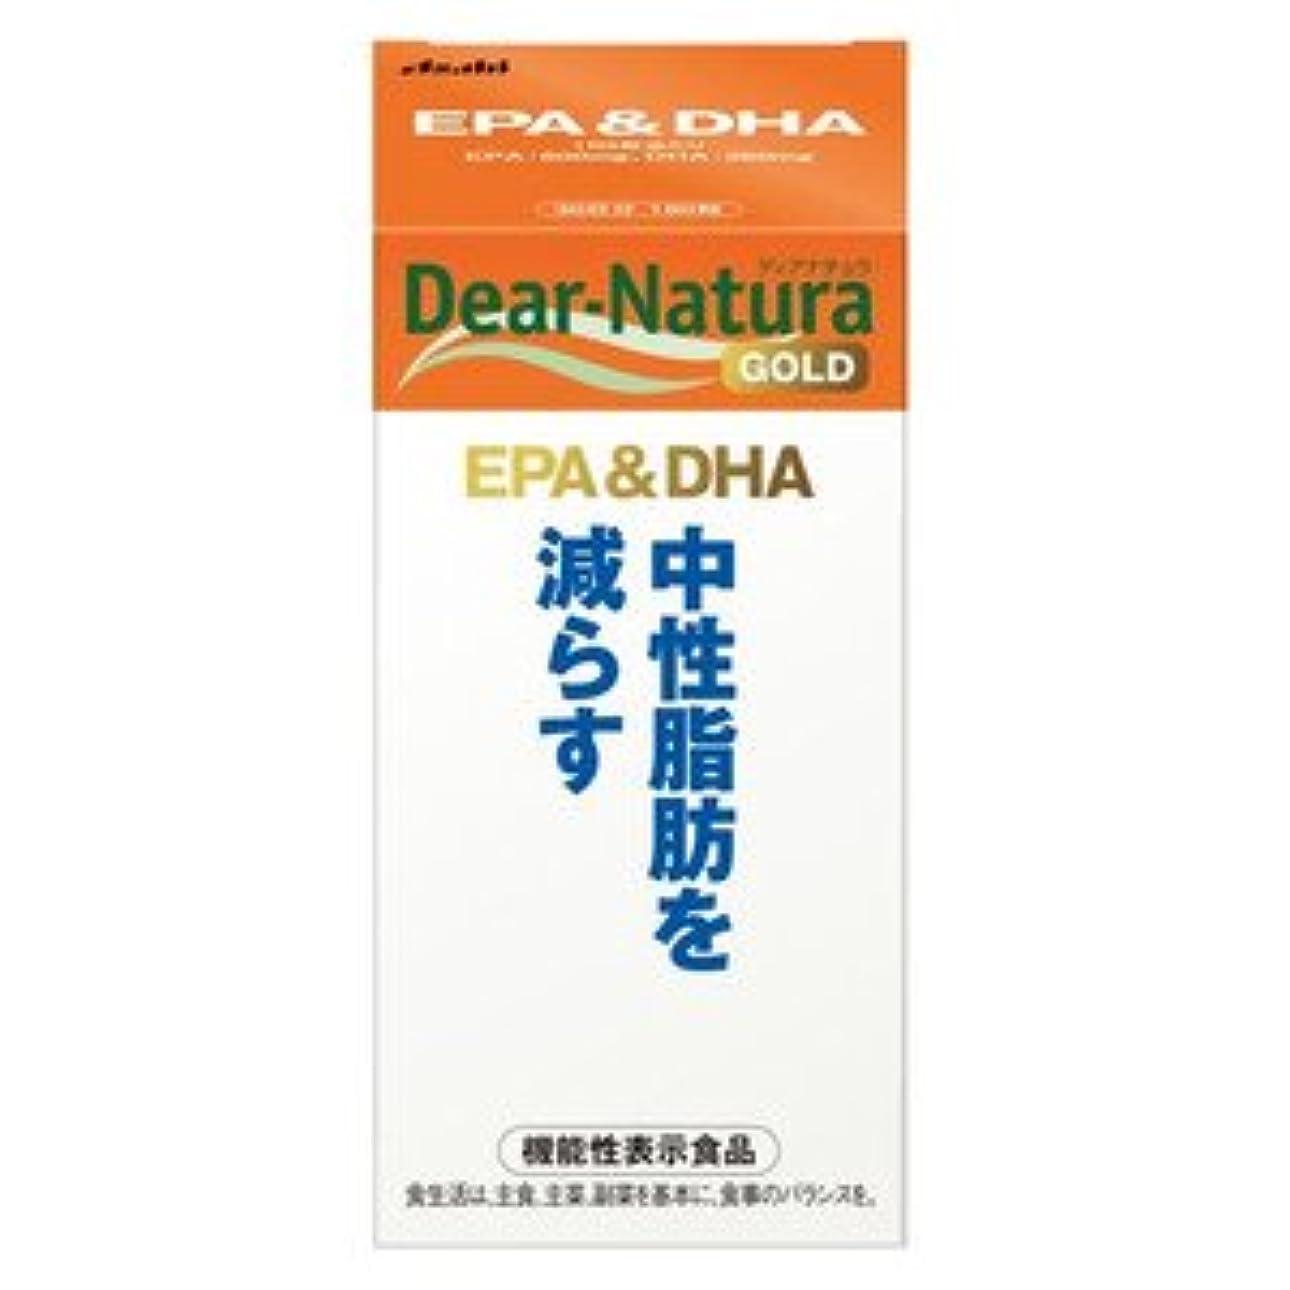 インフレーション砂化学薬品(アサヒフード&ヘルスケア)ディアナチュラゴールド EPA&DHA 30日分 180粒(お買い得3個セット)